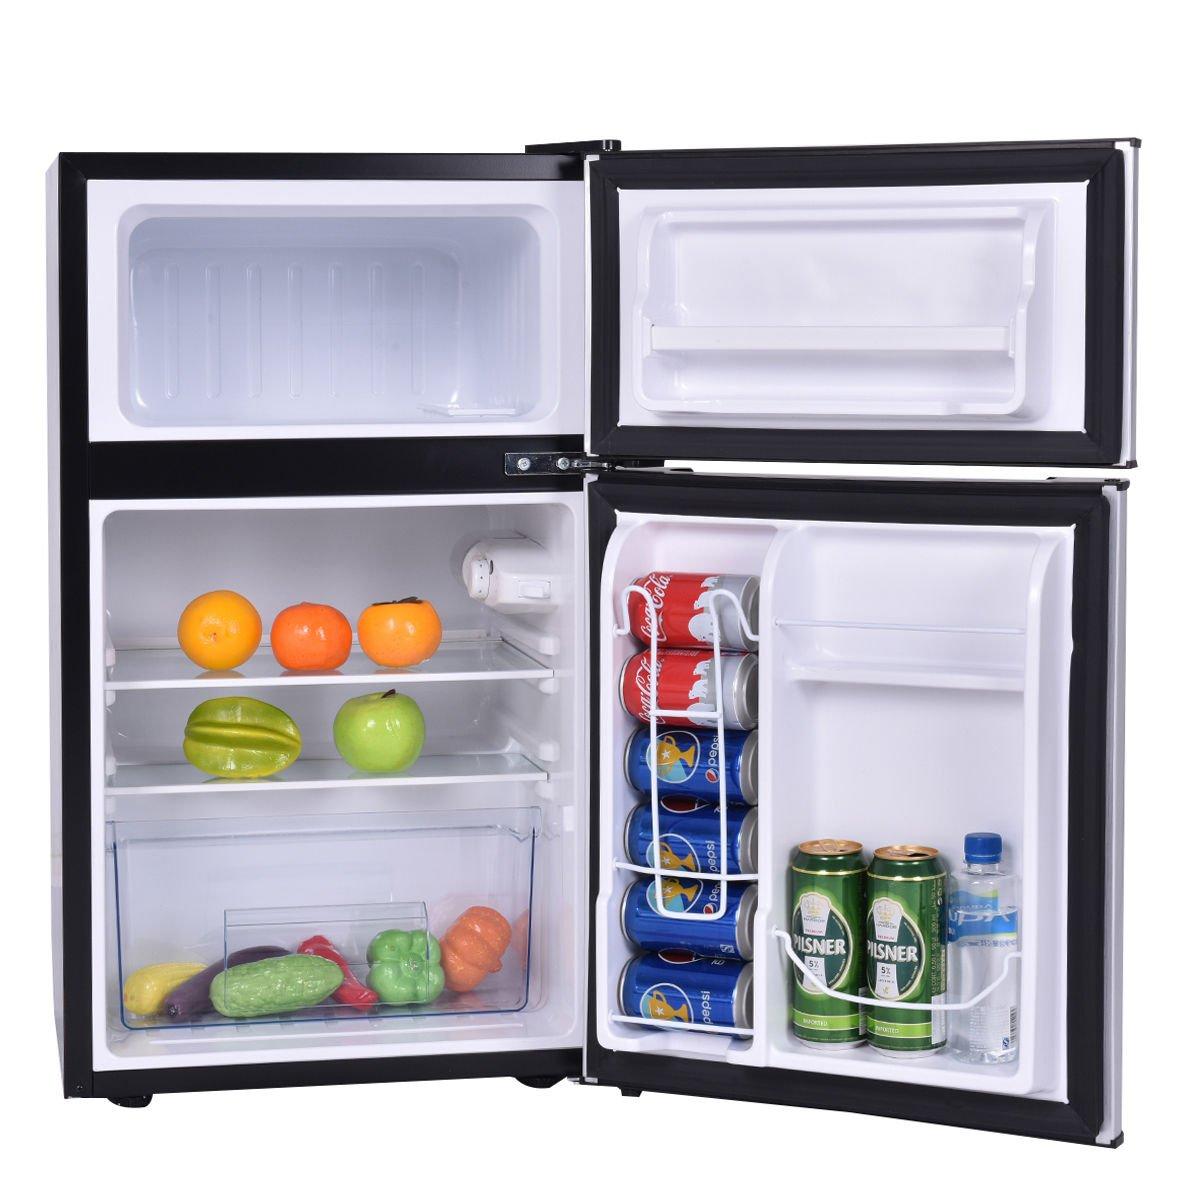 Costway 2 Door Compact Refrigerator Freezer Image 3